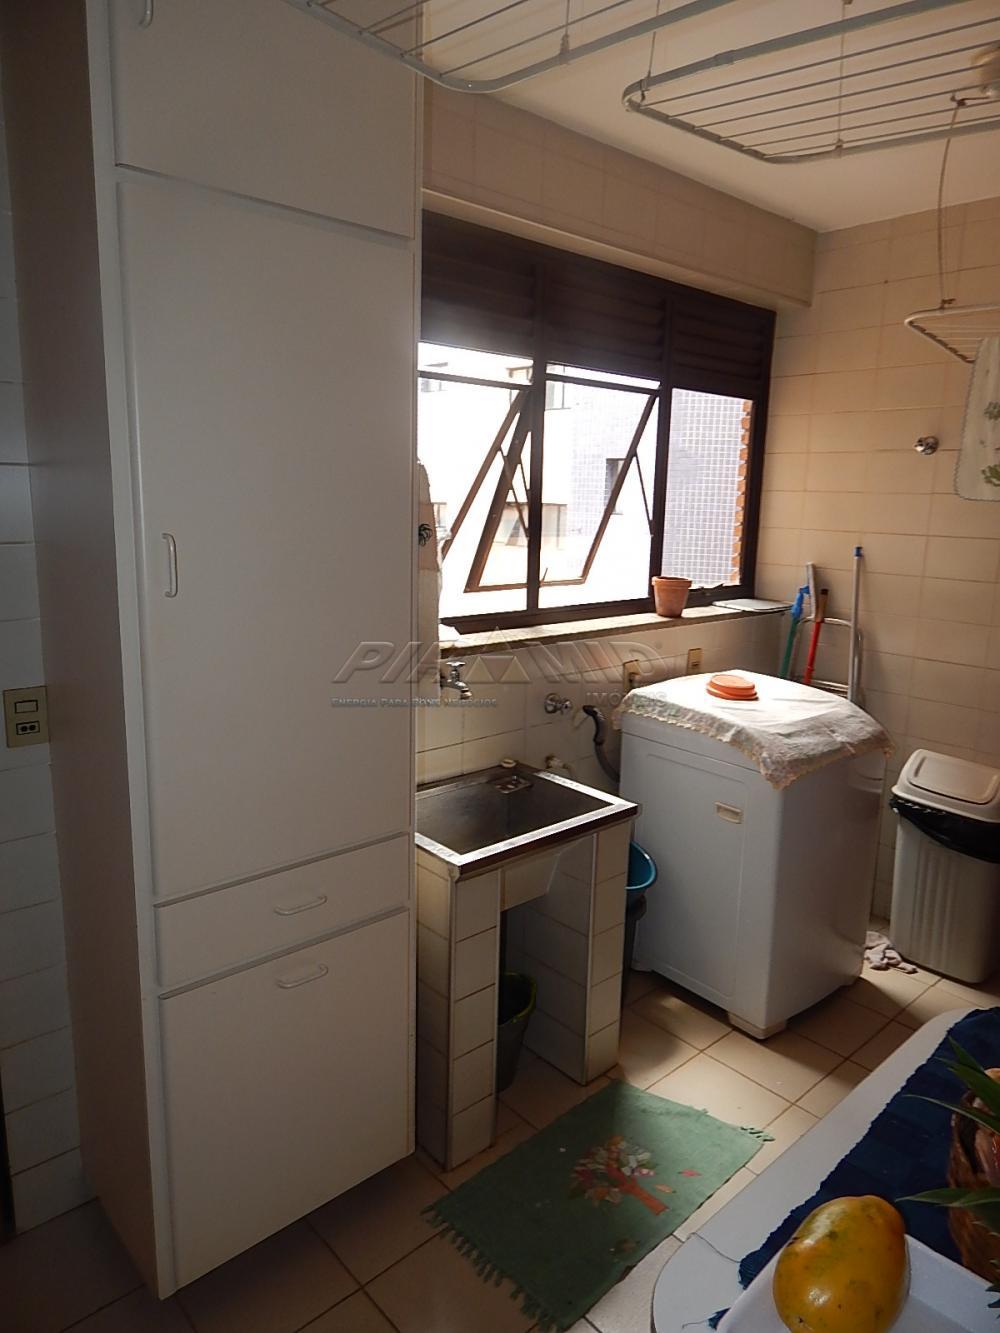 Alugar Apartamento / Padrão em Ribeirão Preto apenas R$ 3.100,00 - Foto 11